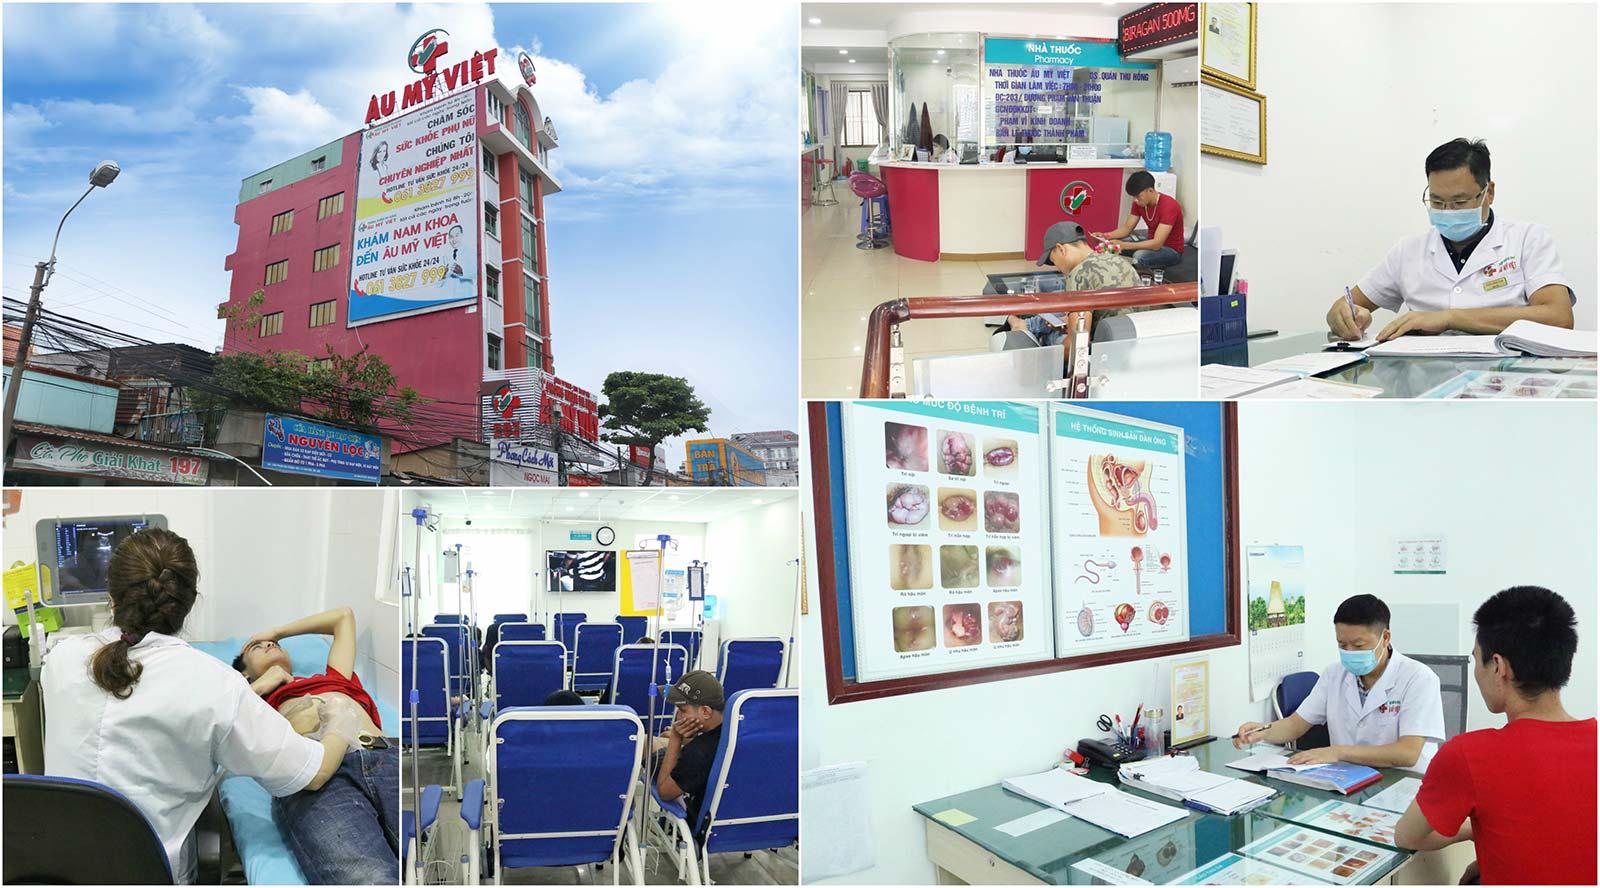 Phòng khám áp dụng kết hợp thuốc và tiểu phẫu giúp bệnh nhân thoát khỏi rò hậu môn